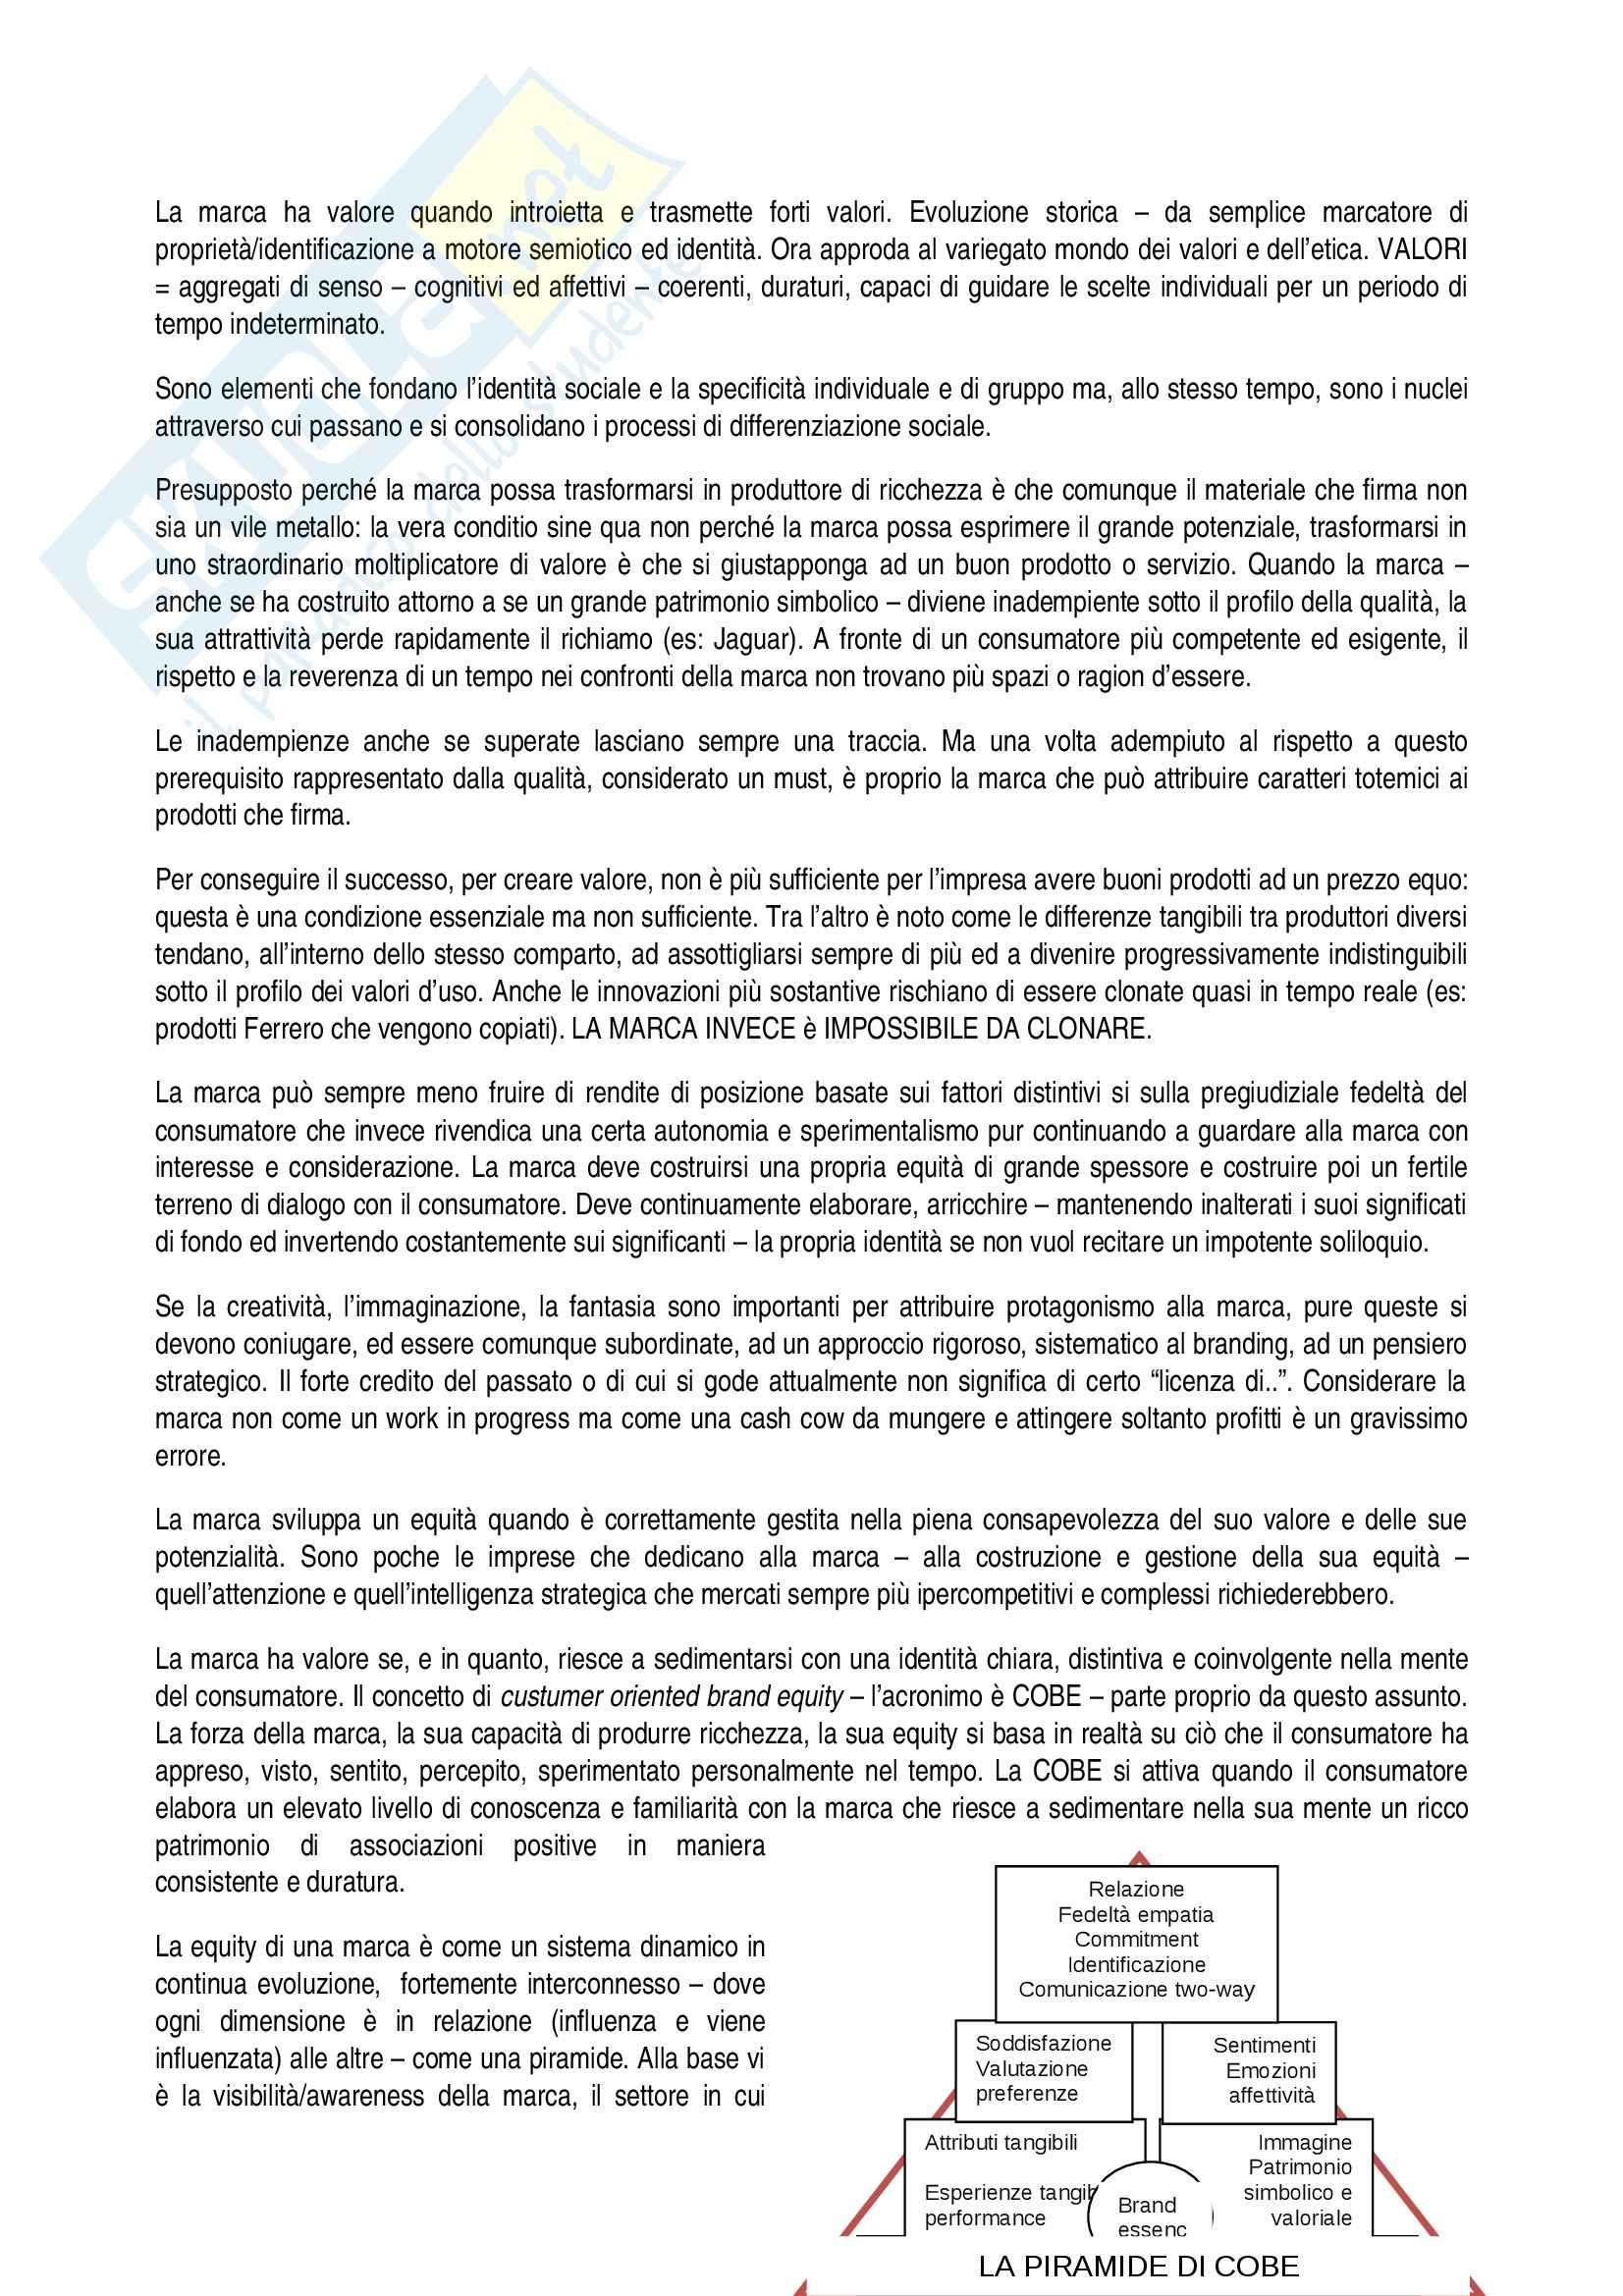 Riassunto esame Brand Design, Valori e Valore della marca, Fabris, Minestroni, prof. Pontonio